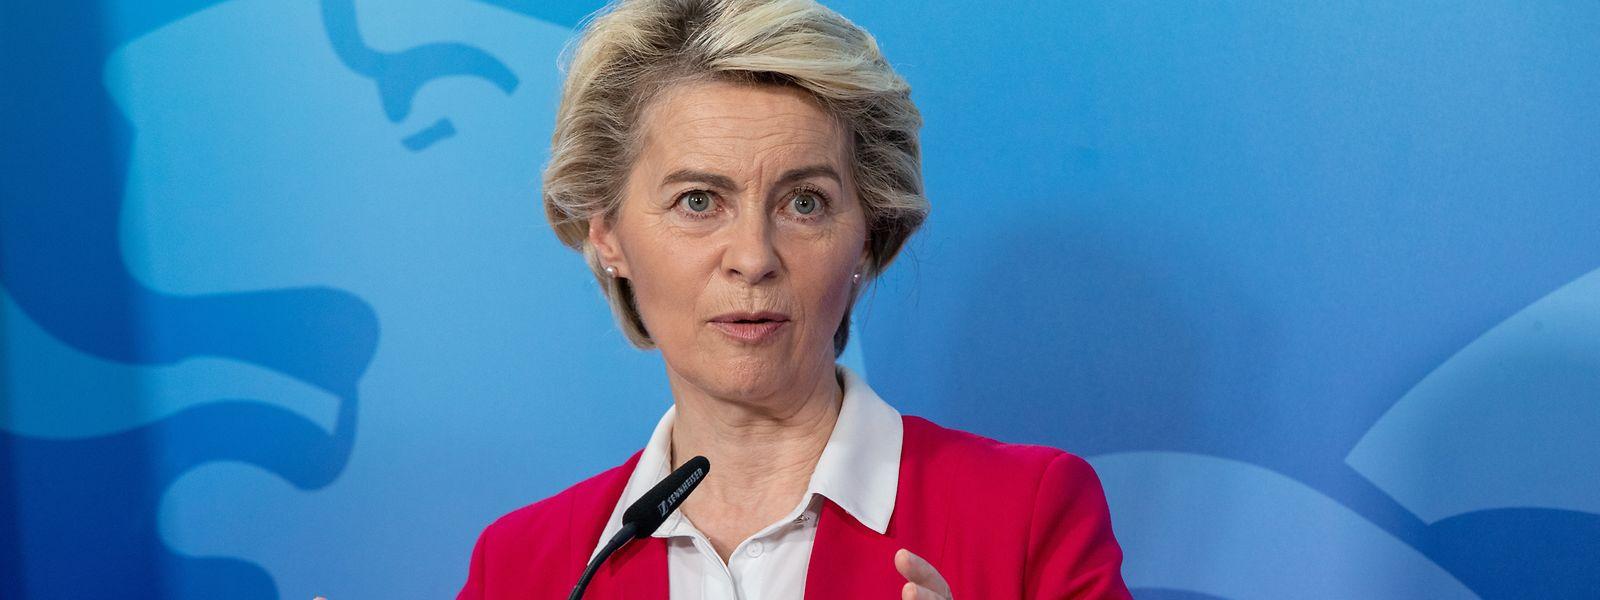 Ursula von der Leyen macht in Sachen Klimawende Ernst.